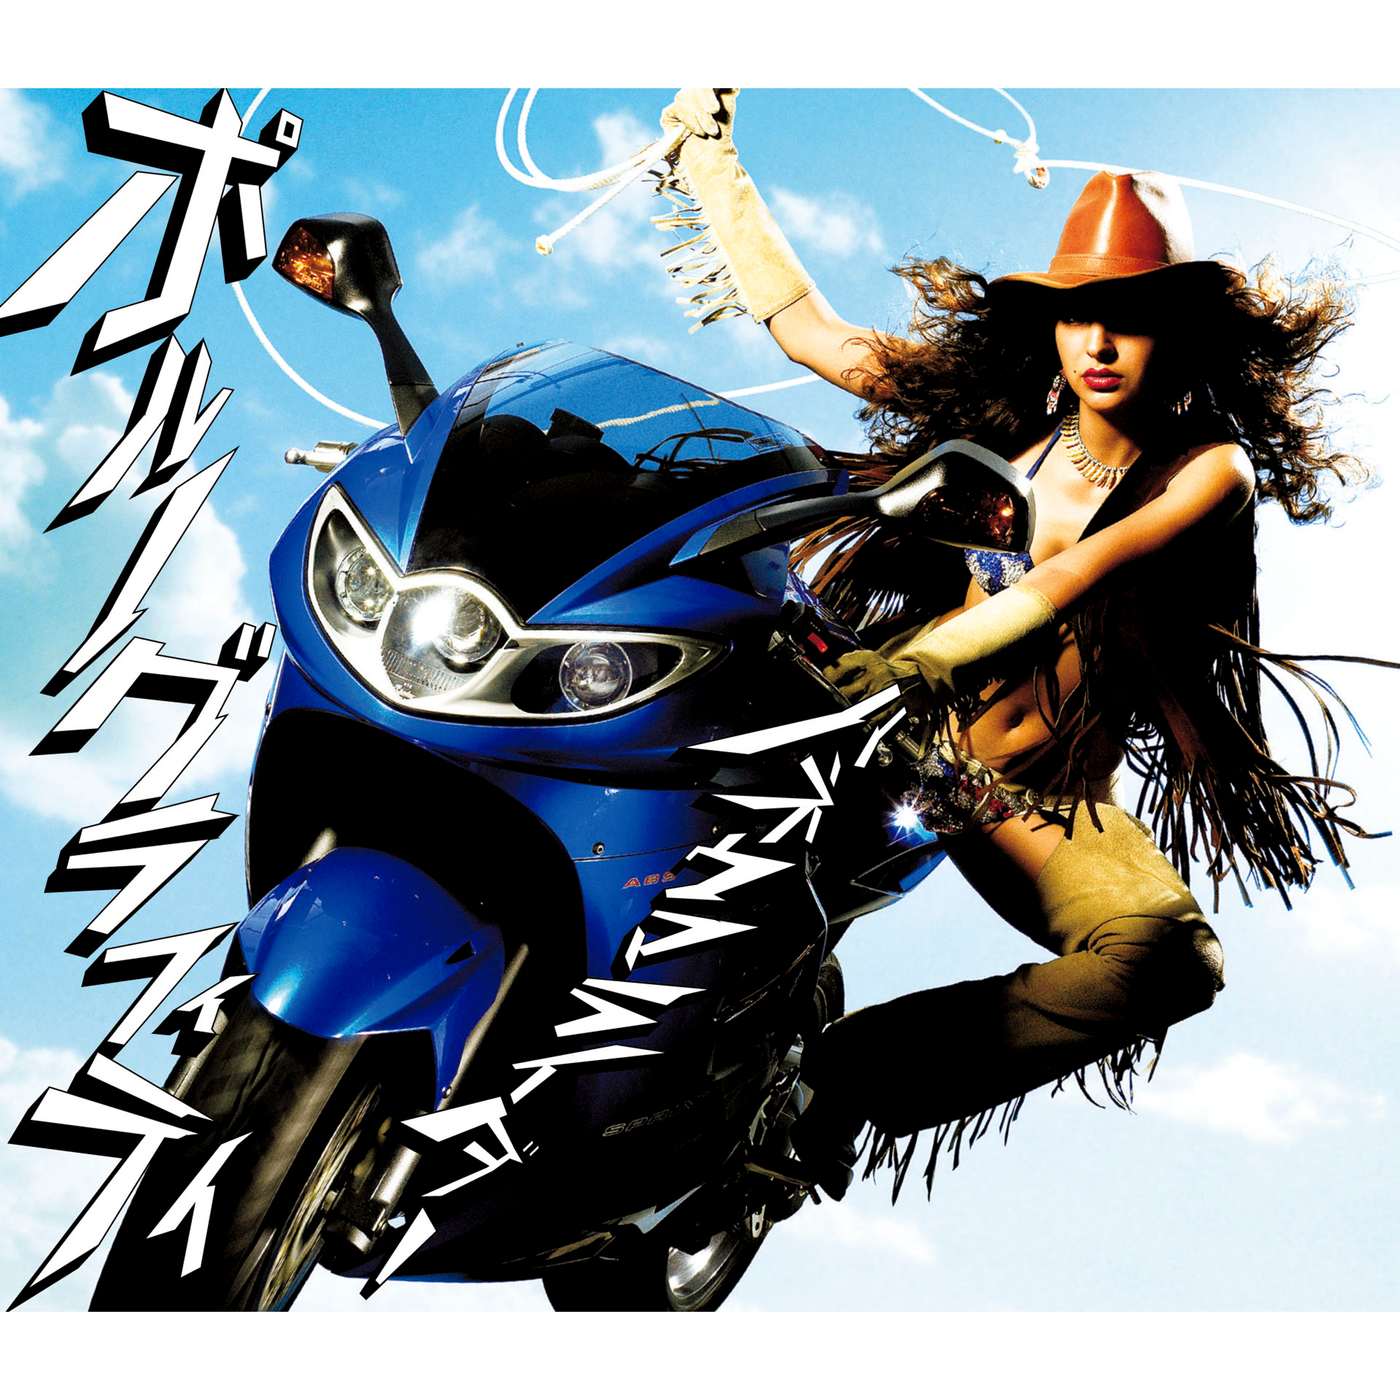 Haneuma Rider - Porno Graffitti